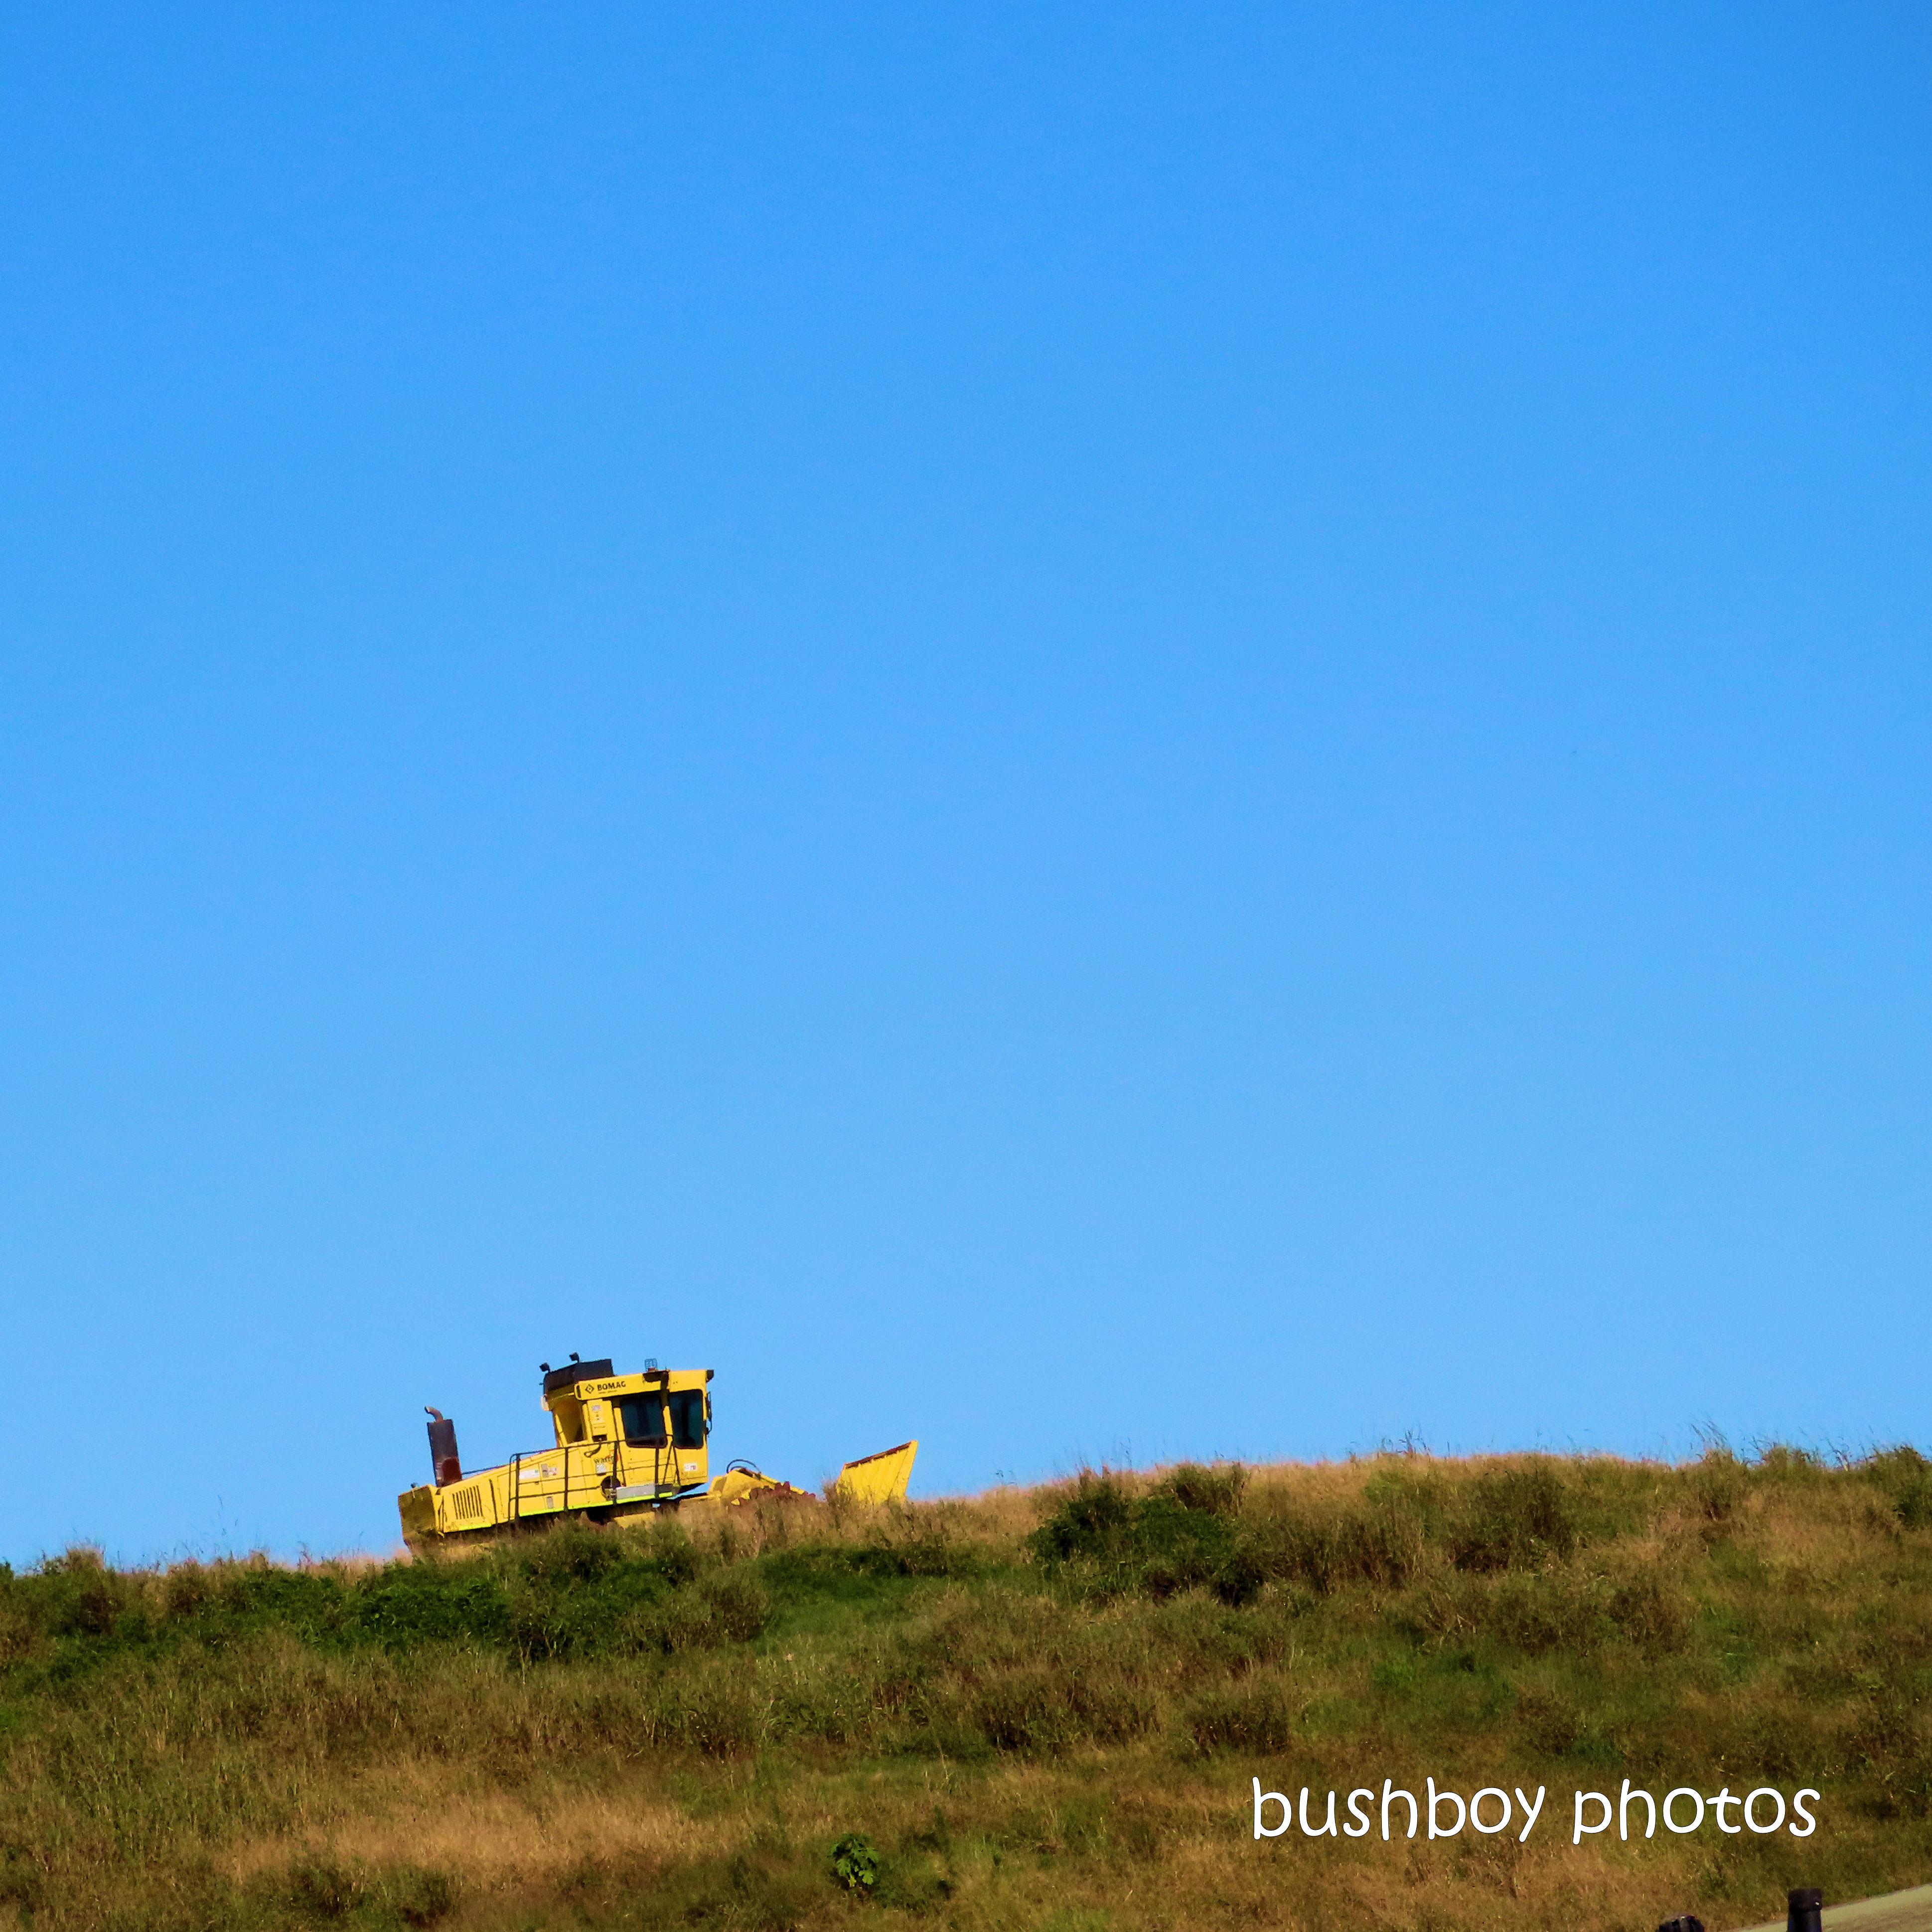 2020419_blog challenge_top_yellow_excavator_lismore tip